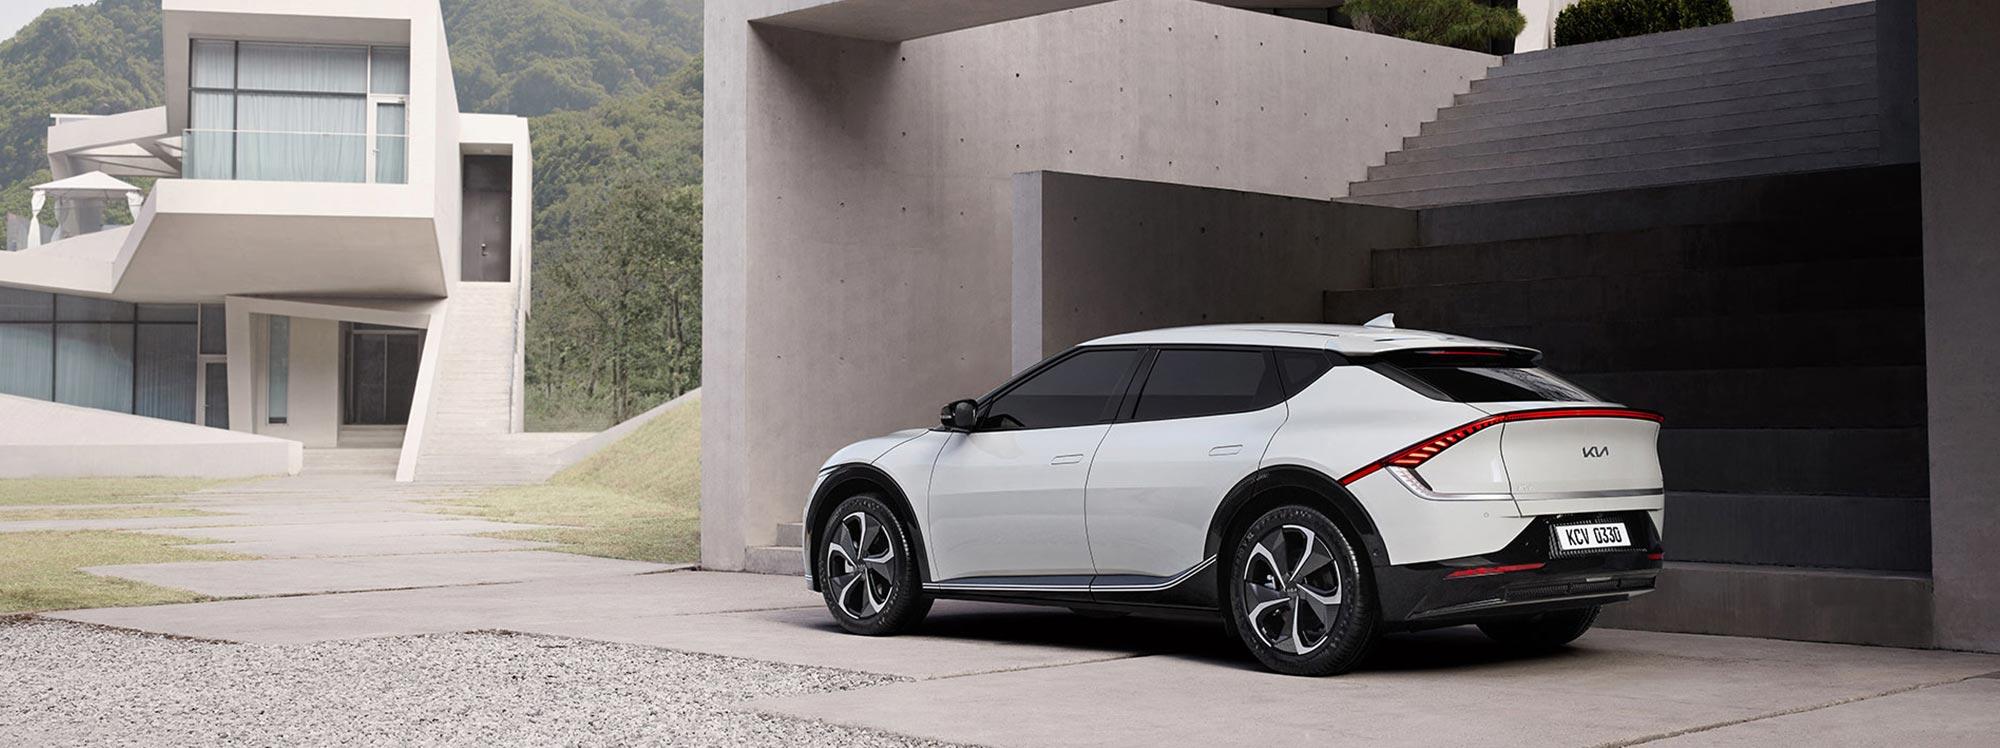 Kia EV6: nueva etapa de seguridad y funcionalidad